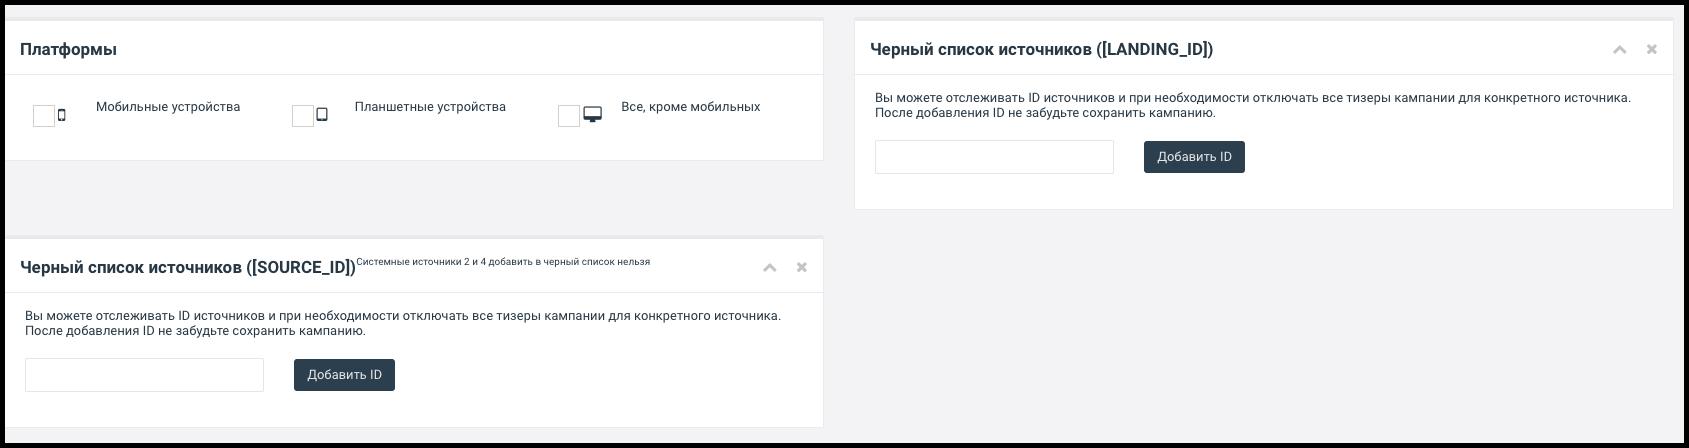 Обзор и преимущества «Облака Кликов» среди тизерных сетей